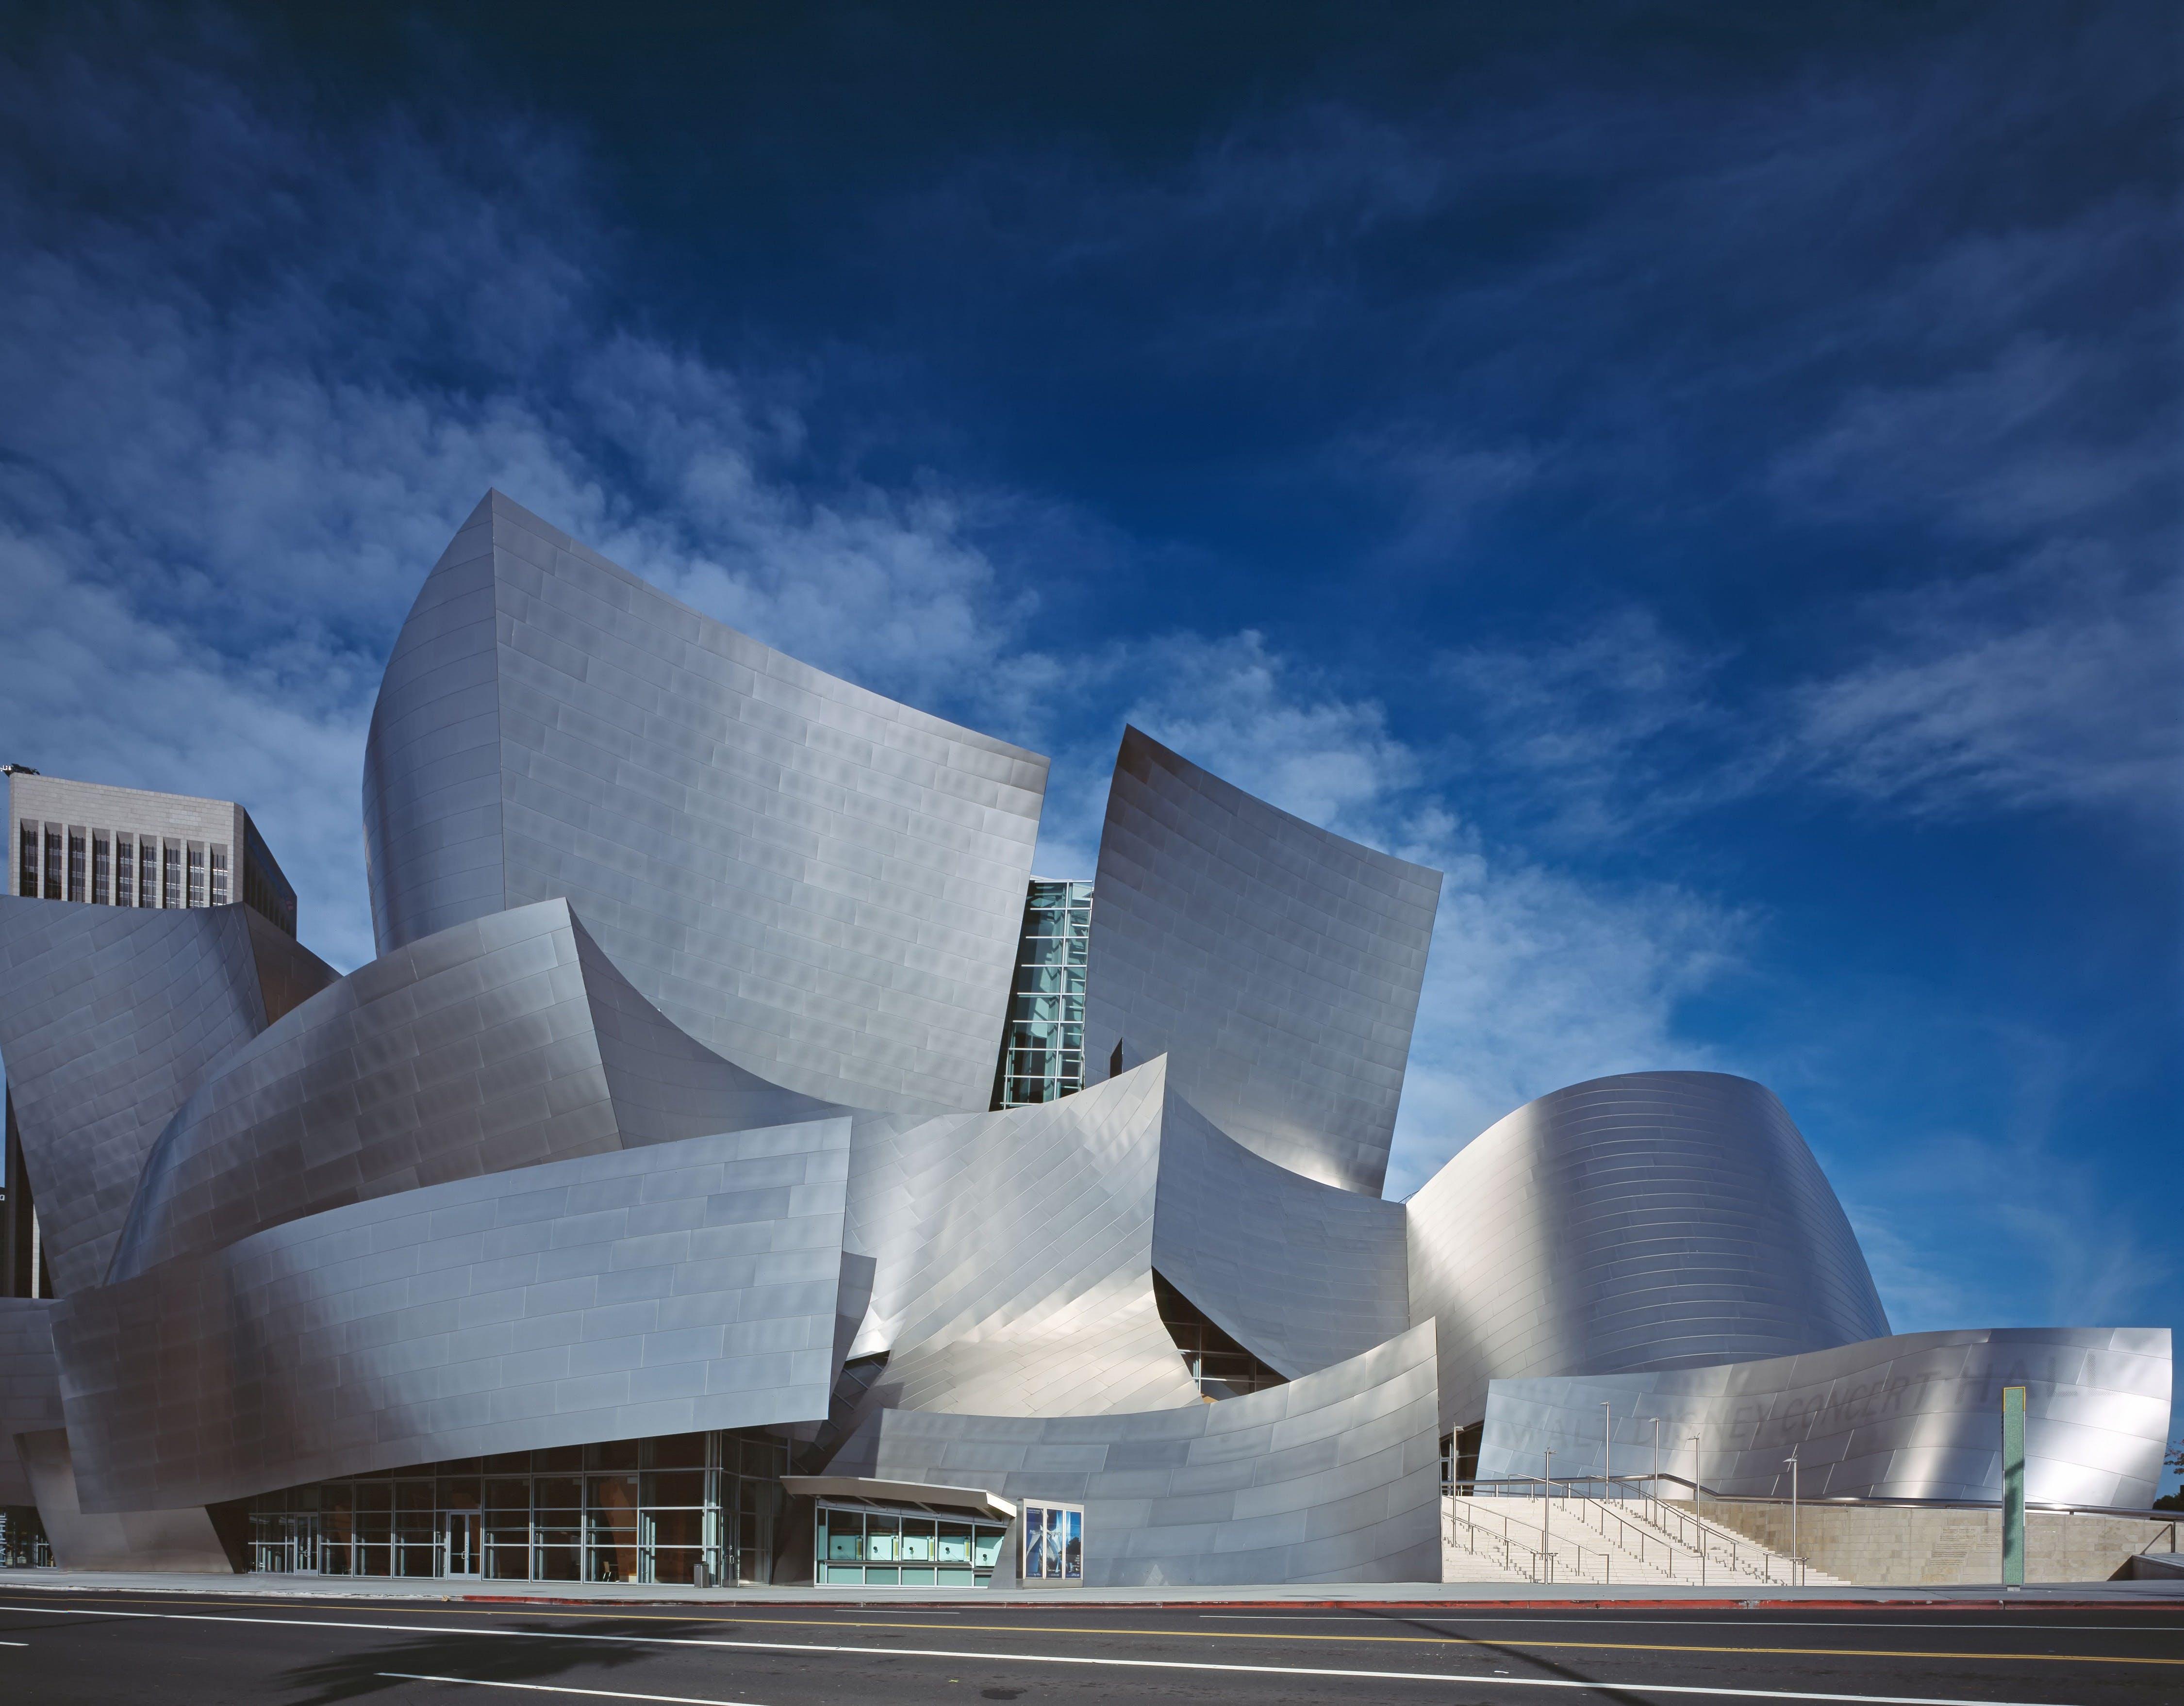 Ilmainen kuvapankkikuva tunnisteilla arkkitehtuuri, futuristinen, los angeles, moderni